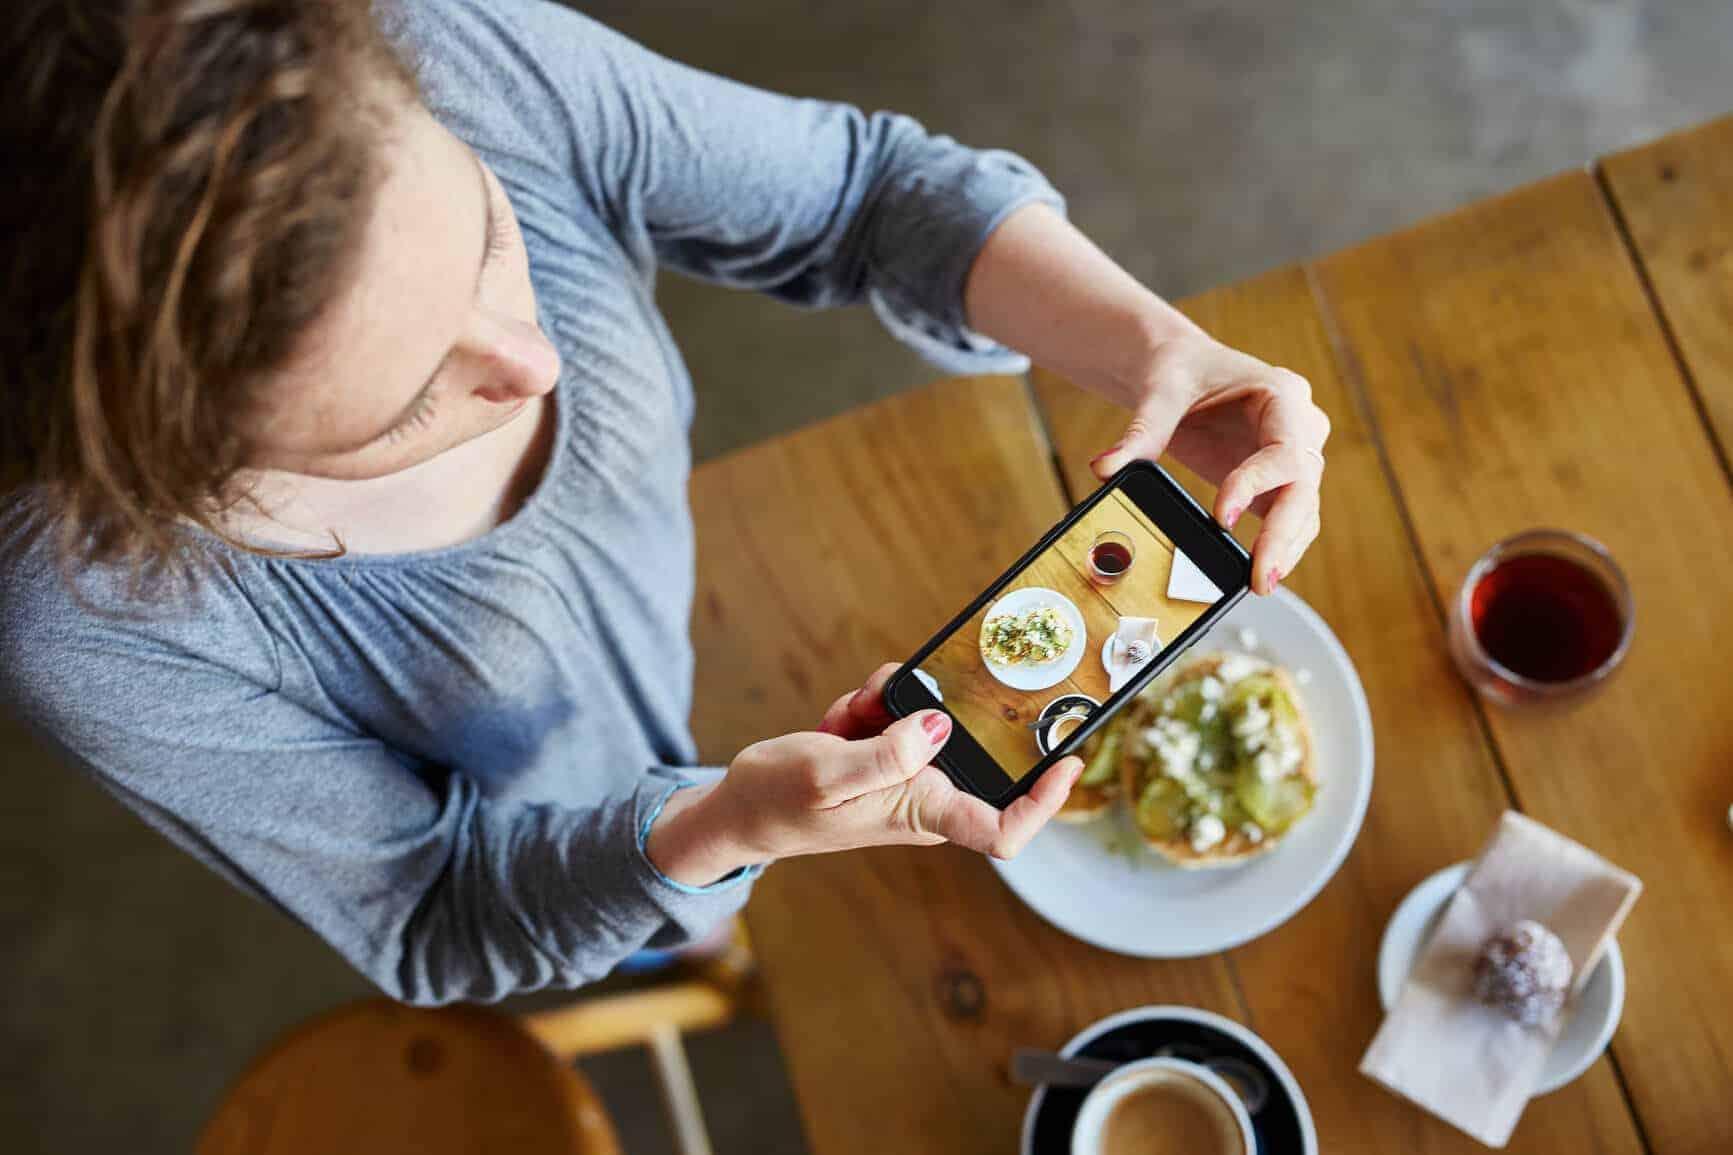 Инстаграм провоцирует пищевые растройства